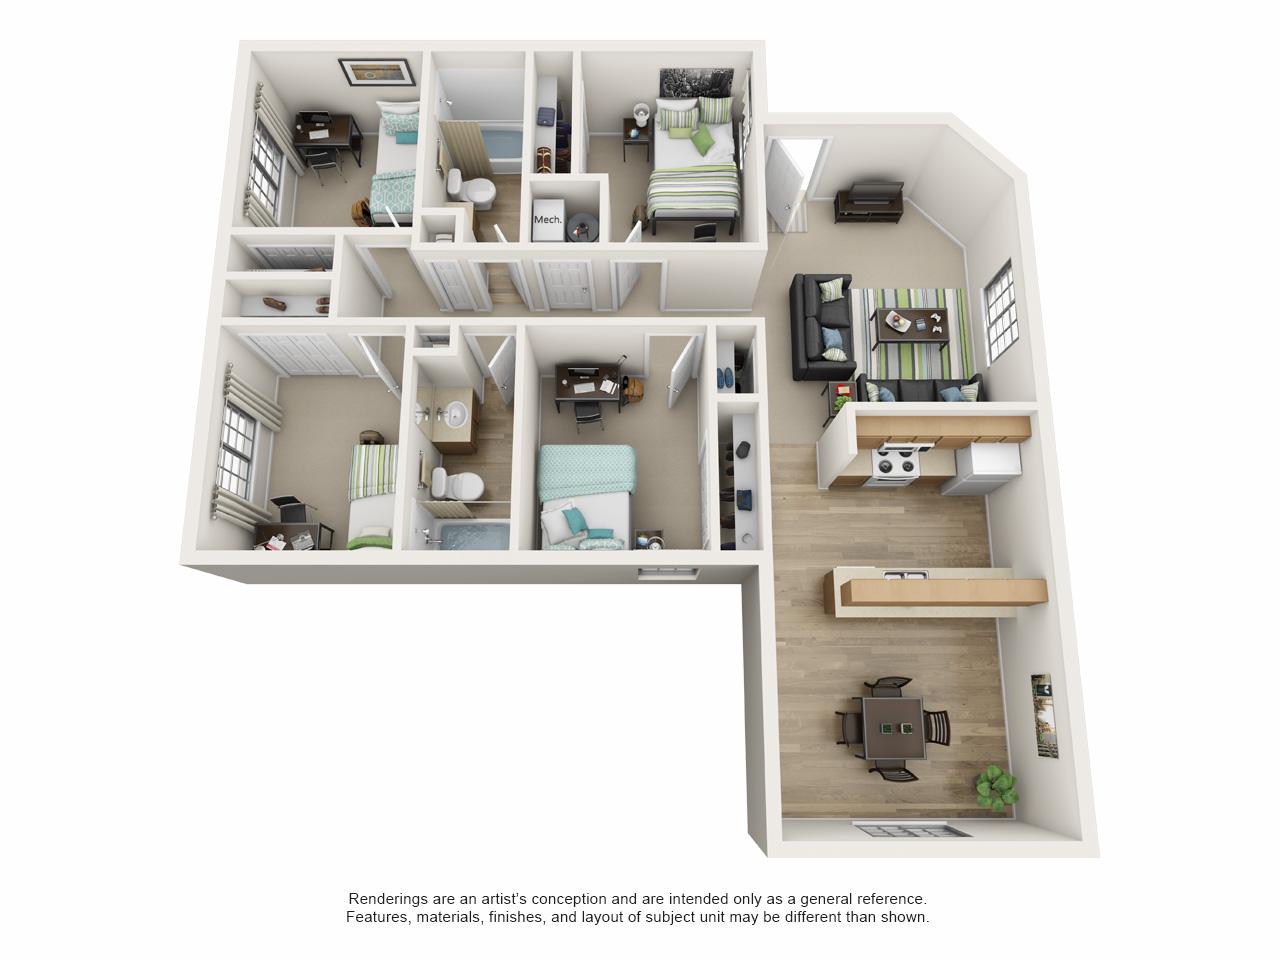 4 bedroom apartment floor plan